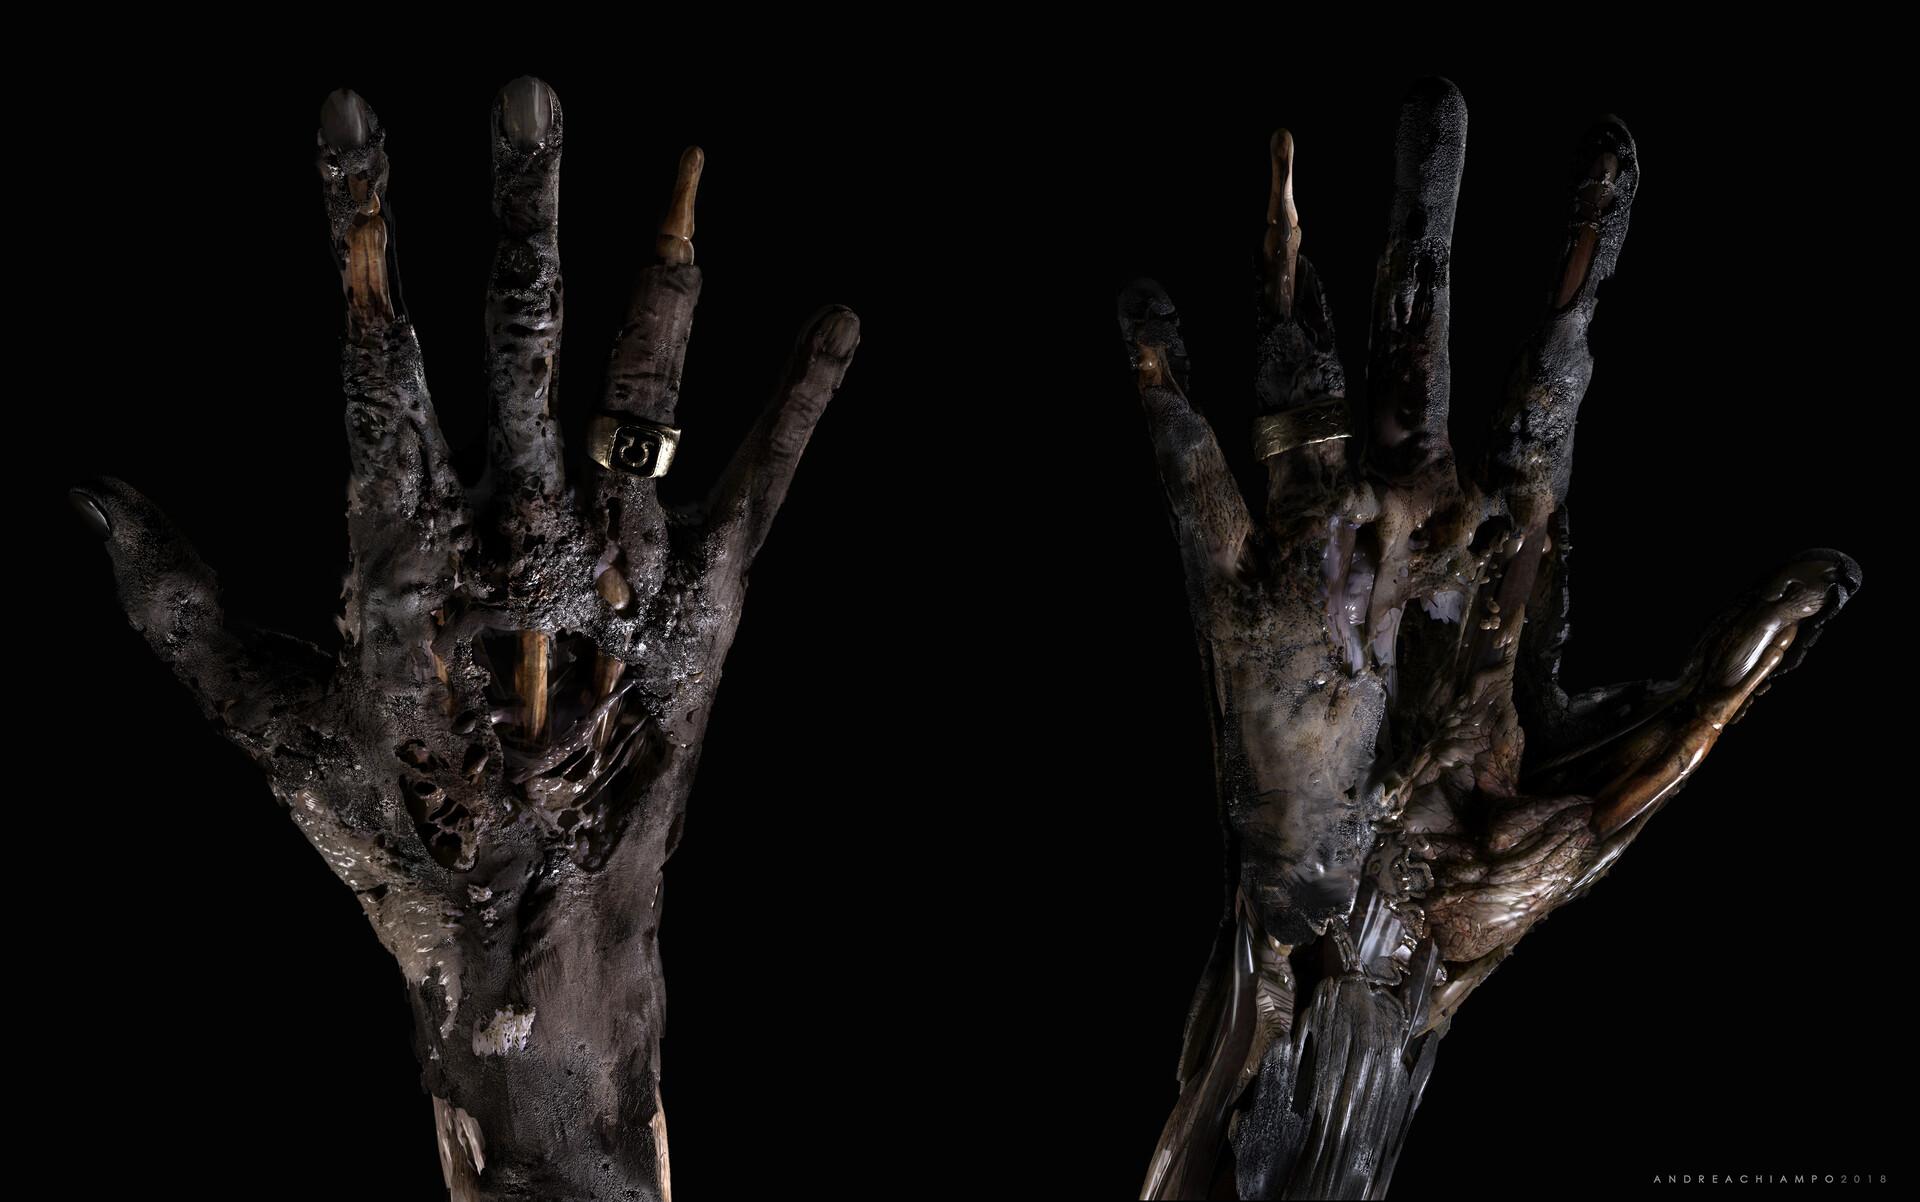 Andrea chiampo andrea chiampo mummy hand concept